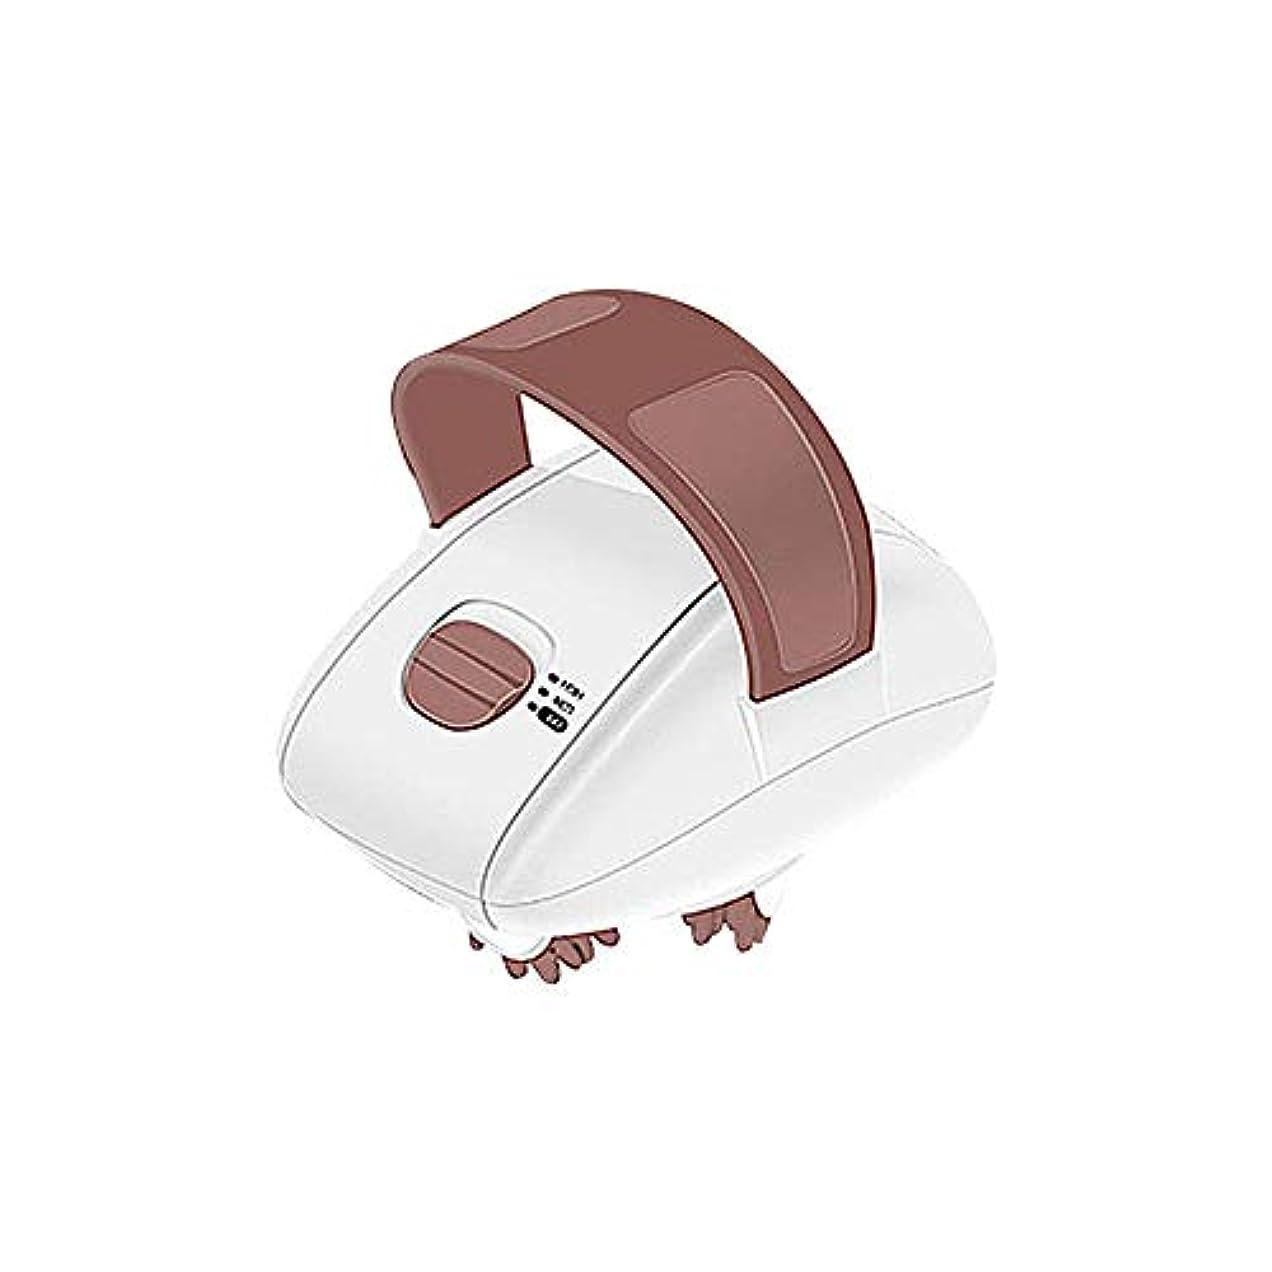 欠乏誓う最も遠い3D ミニボディスリム 電動ギアミニマッサージャー 多機能 ボディ ハード マッサージローラー 美脚 腕痩せ 疲れ解消 全身にマッサージ ダイエット 電動ローラー ミニ脂肪マッサージ師 2色選べる